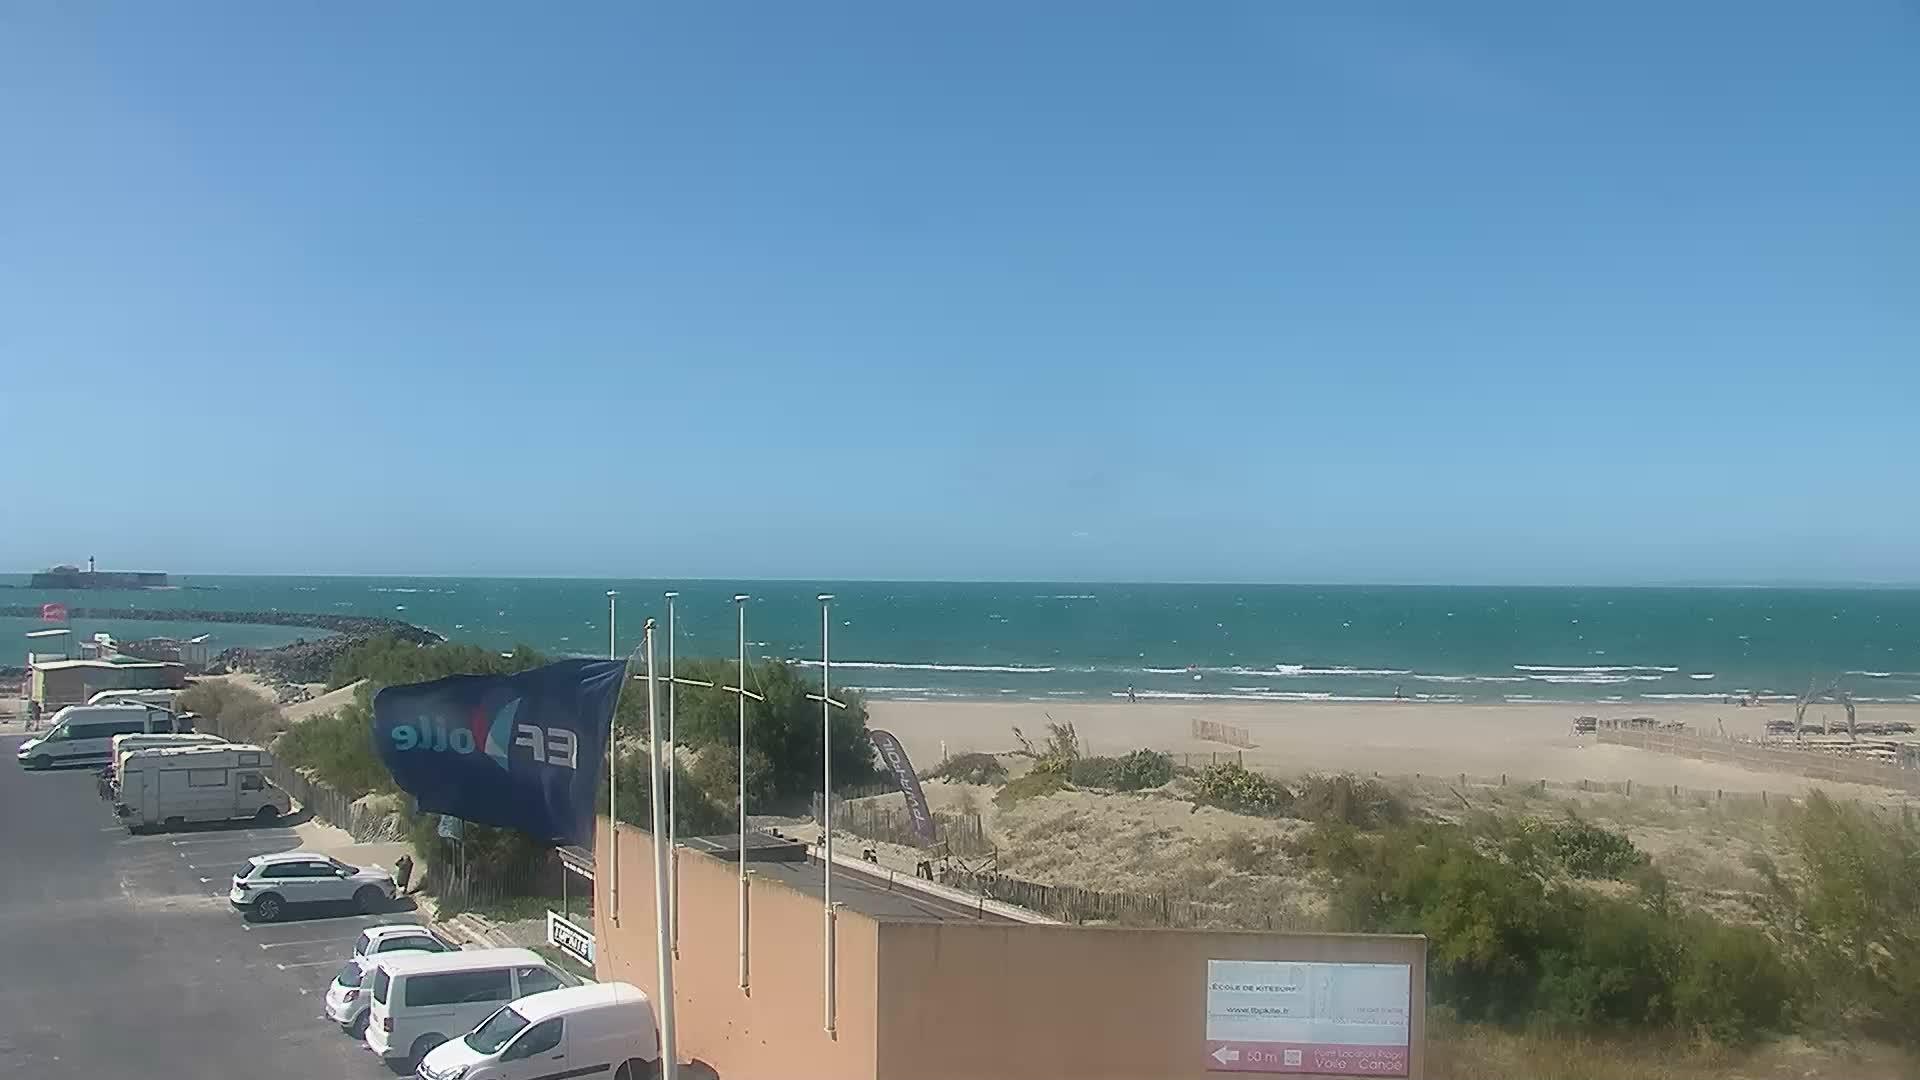 Webcam cap d 39 agde plage richelieu est for Cap d agde jardin d eden